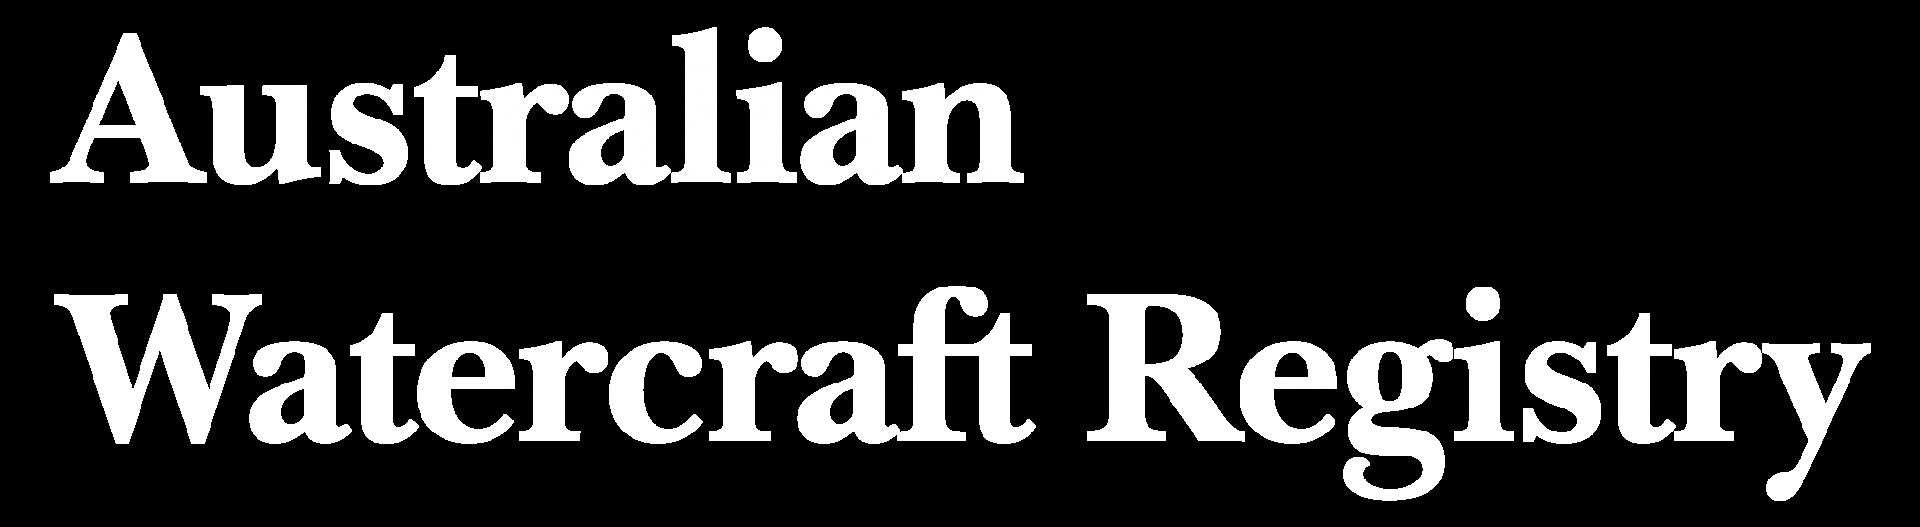 Australian Watercraft Registry